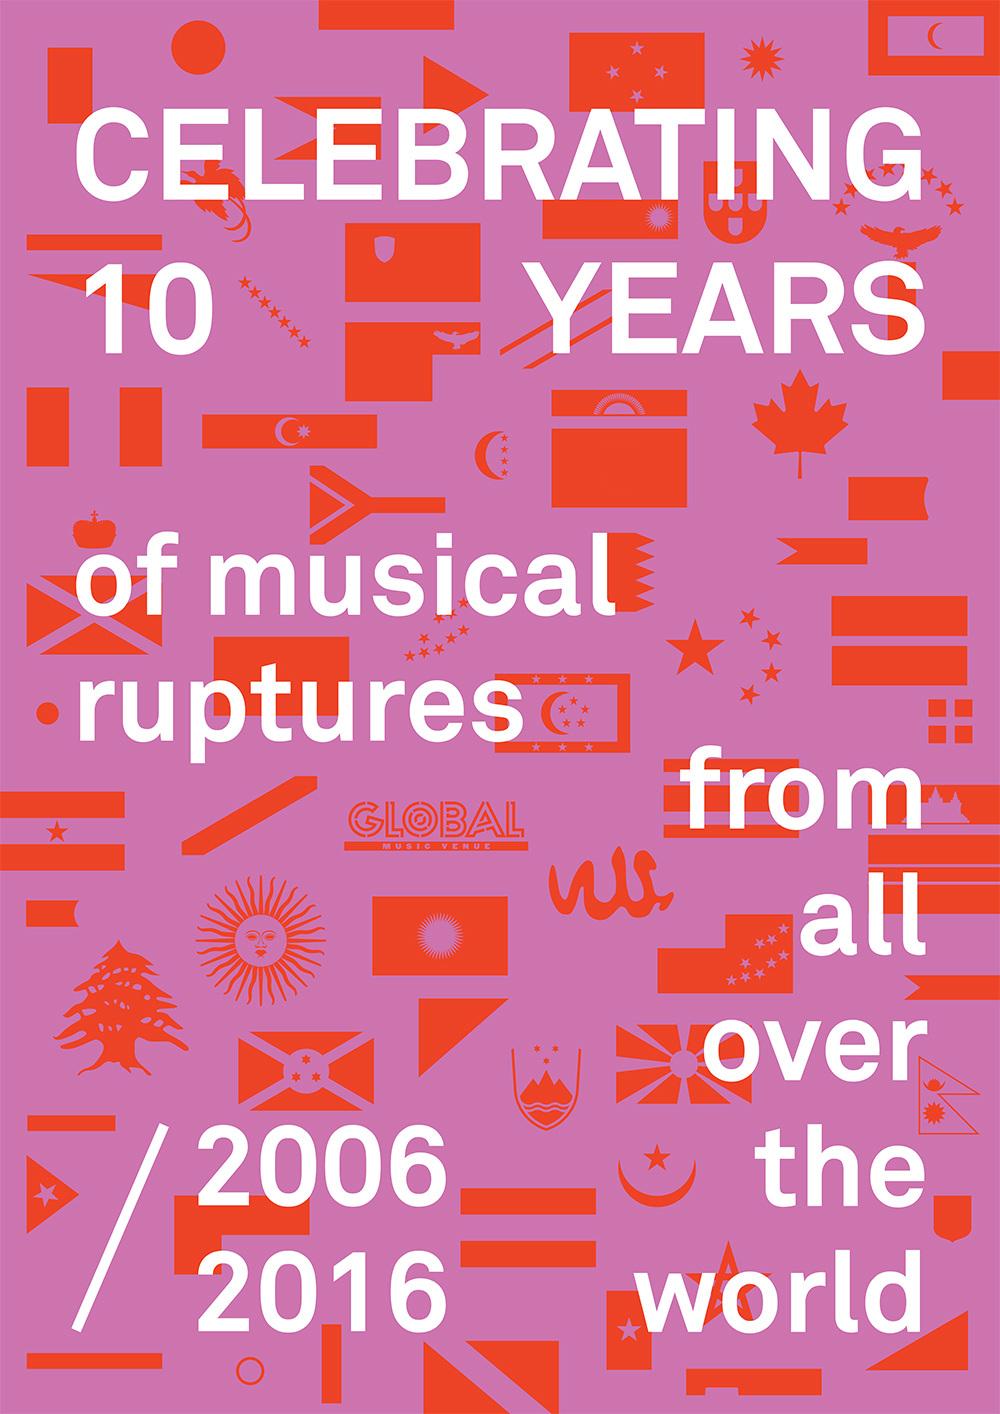 global-plakat-1--uden-skre--lille_1000.jpg